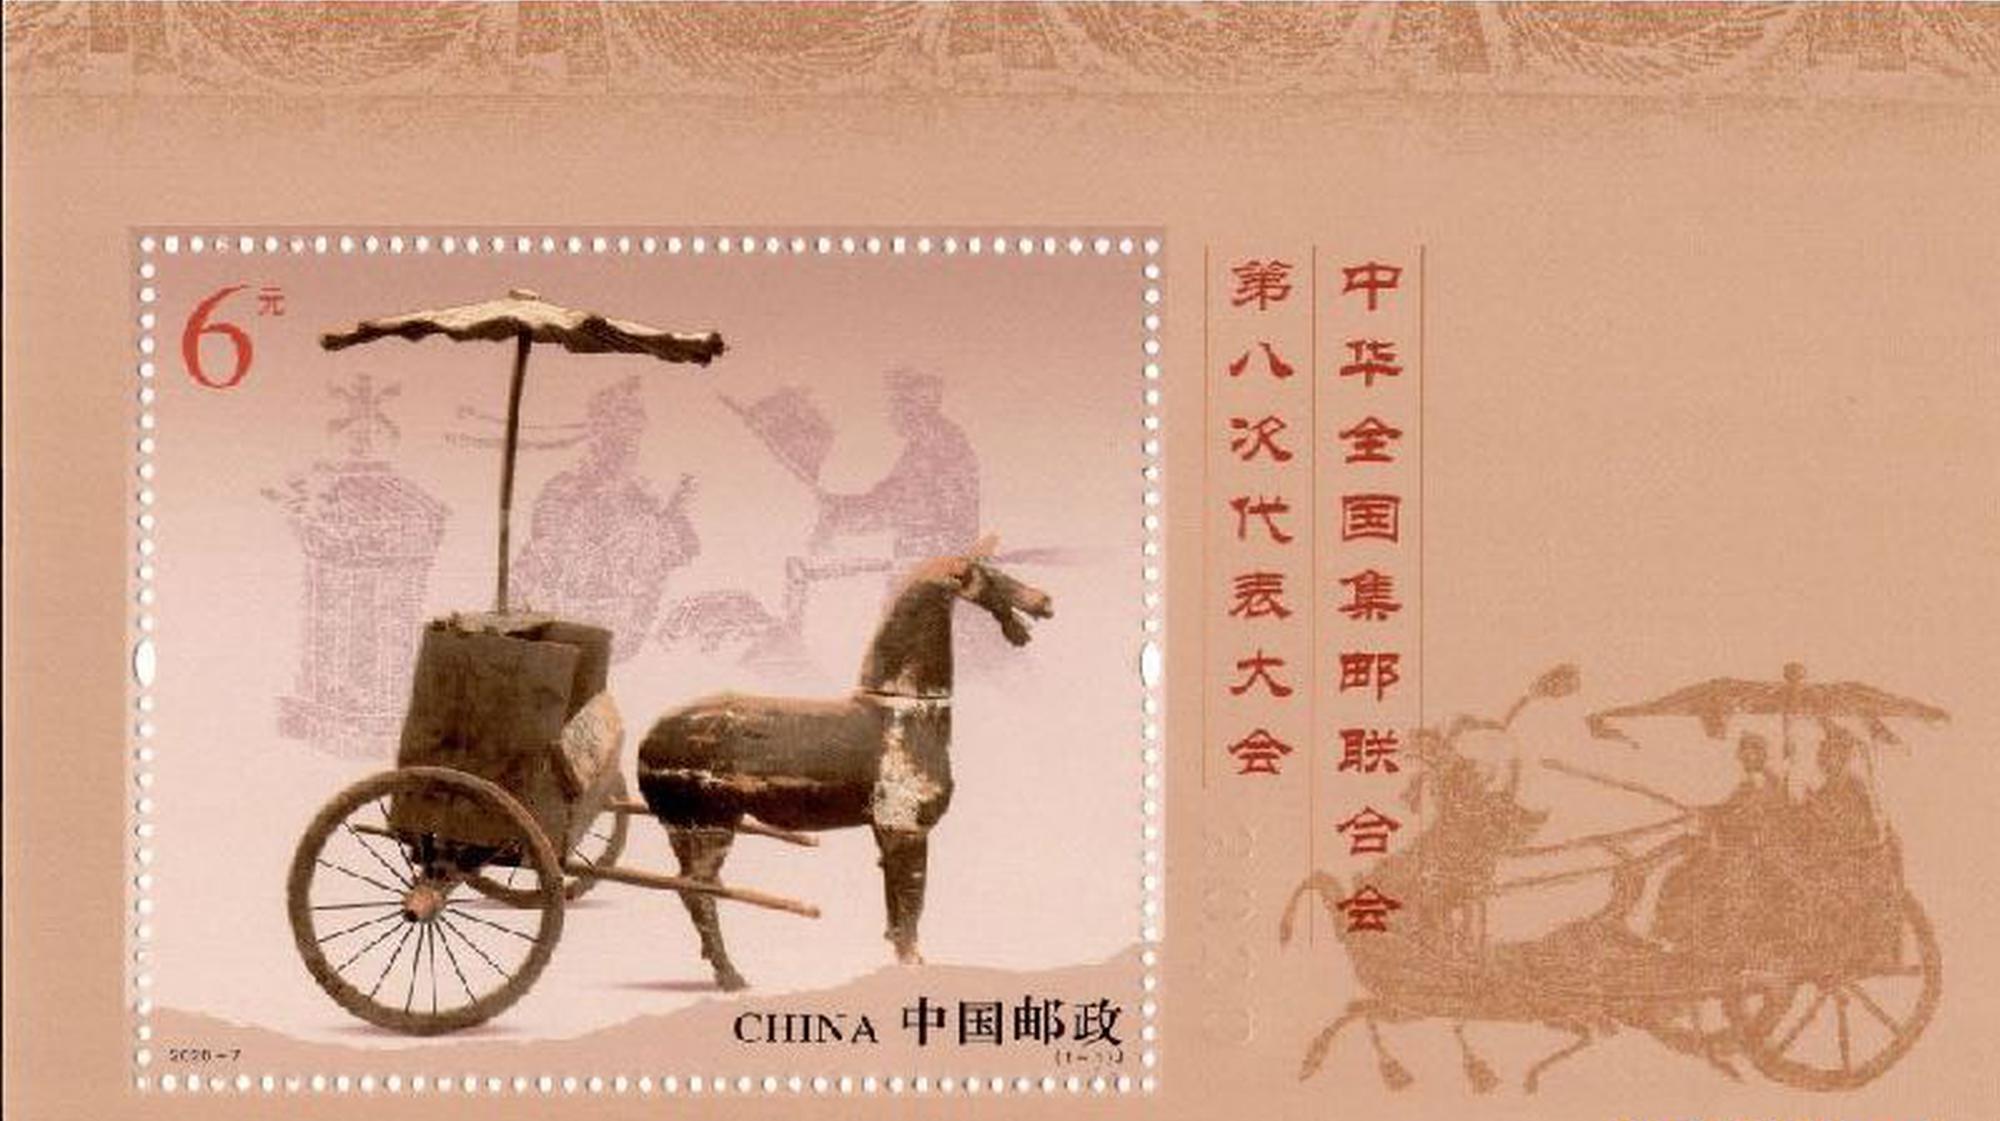 《中华全国集邮联合会第八次代表大会》纪念邮票在青海首发